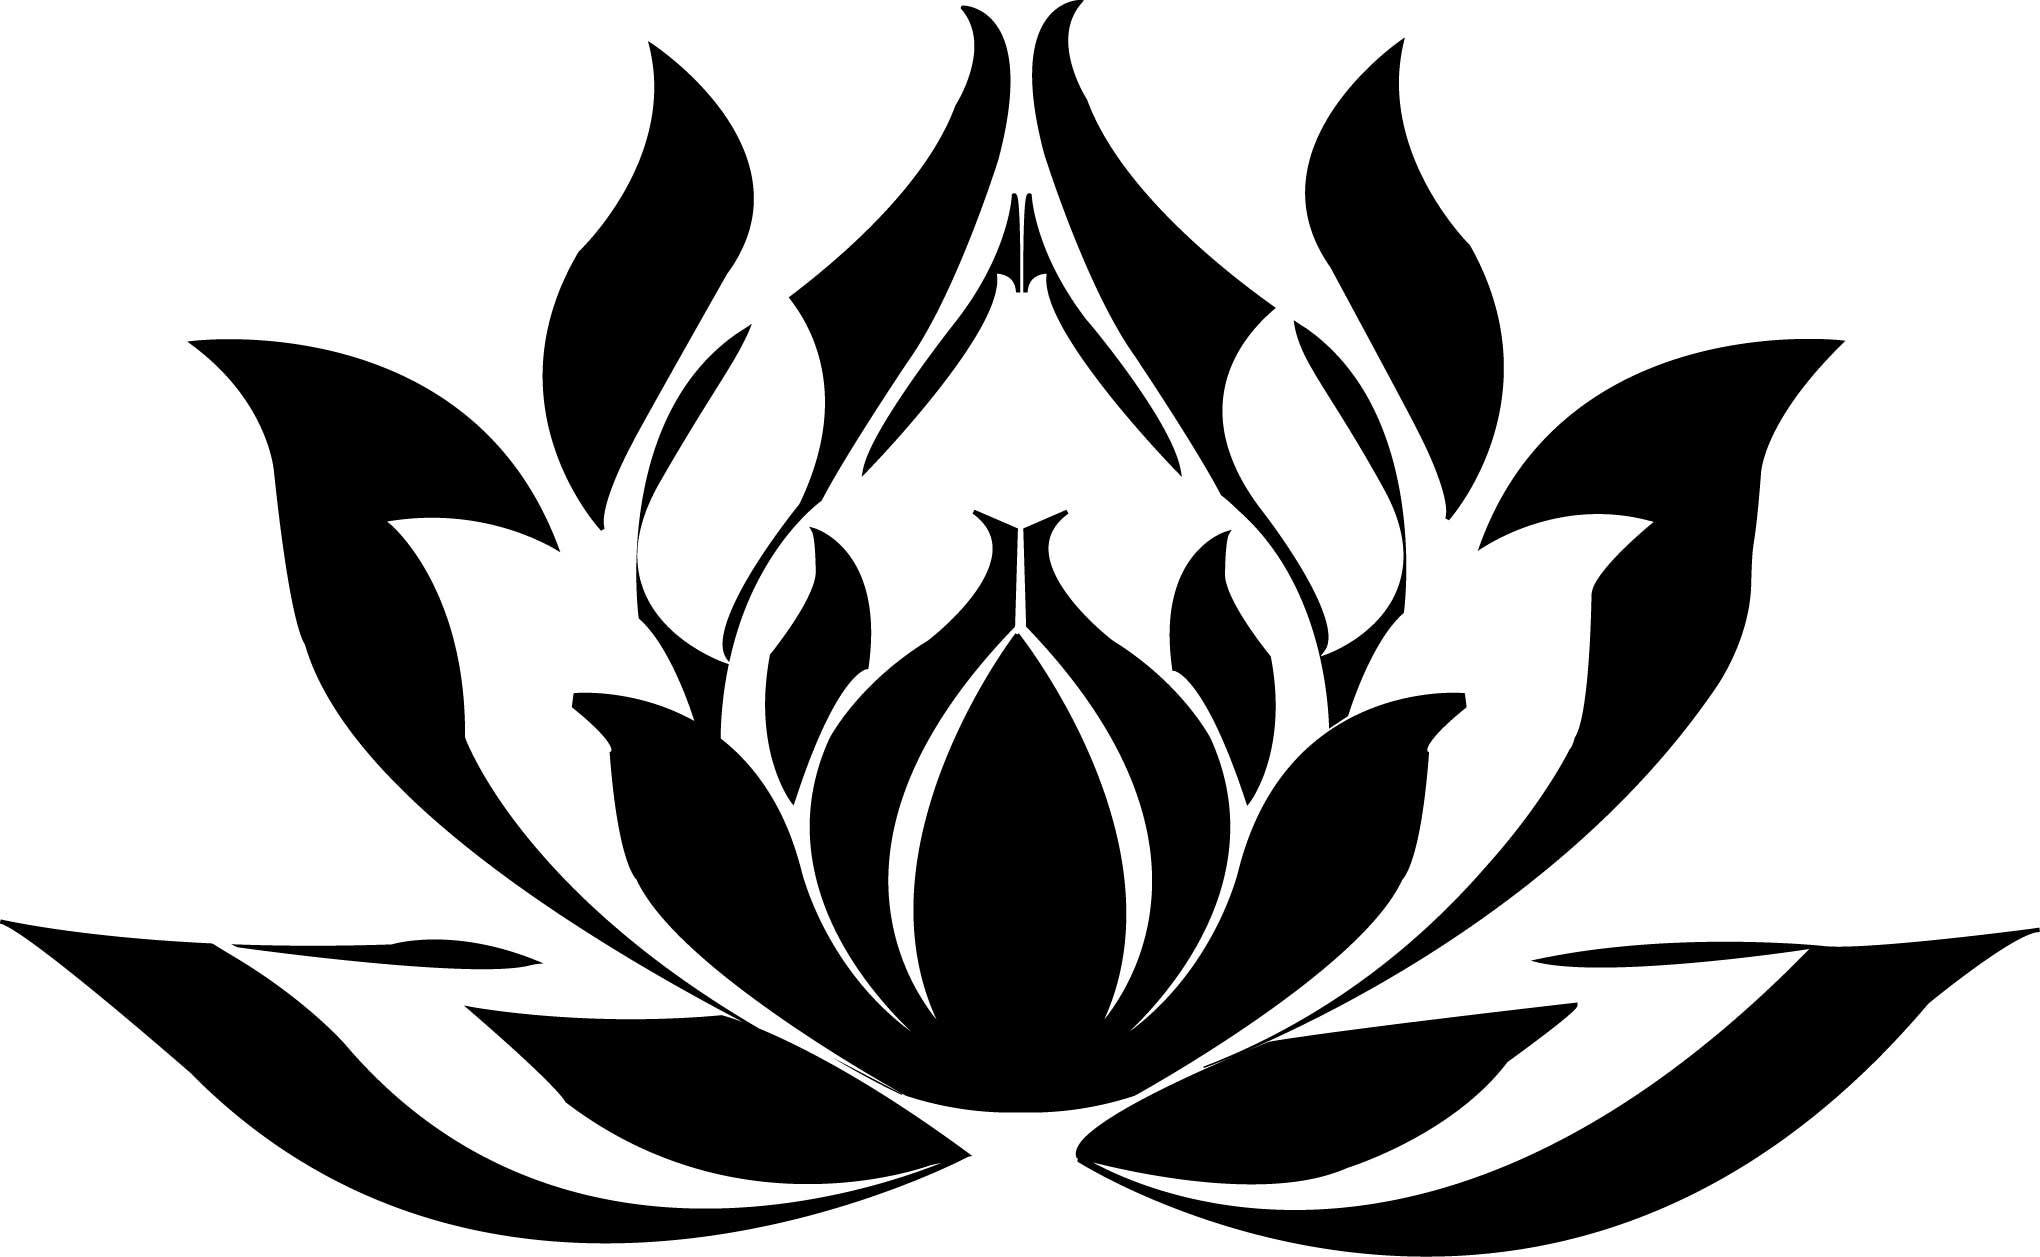 Black And White Lotus Flower Drawings S1vkgkbdg 20401257